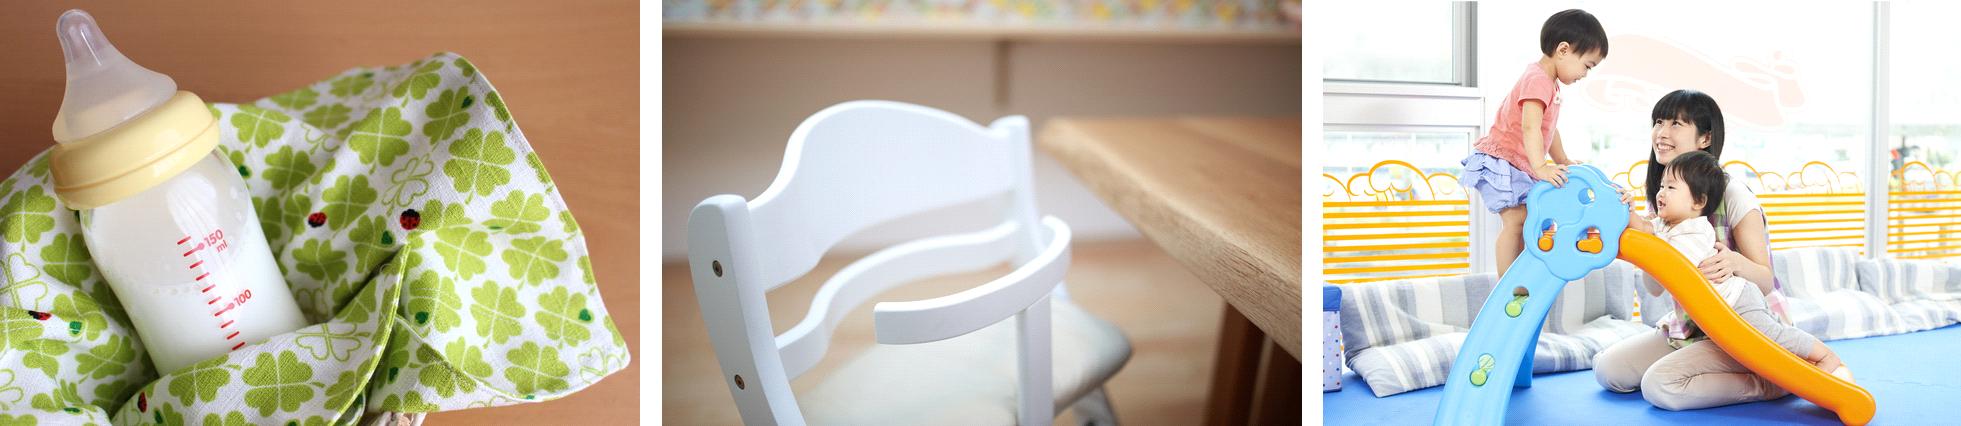 ミルクのお湯の提供、子ども用の椅子や食器が揃っている店、ベビーベッド、授乳スペース、優先駐車場の完備やお菓子や粗品プレゼント